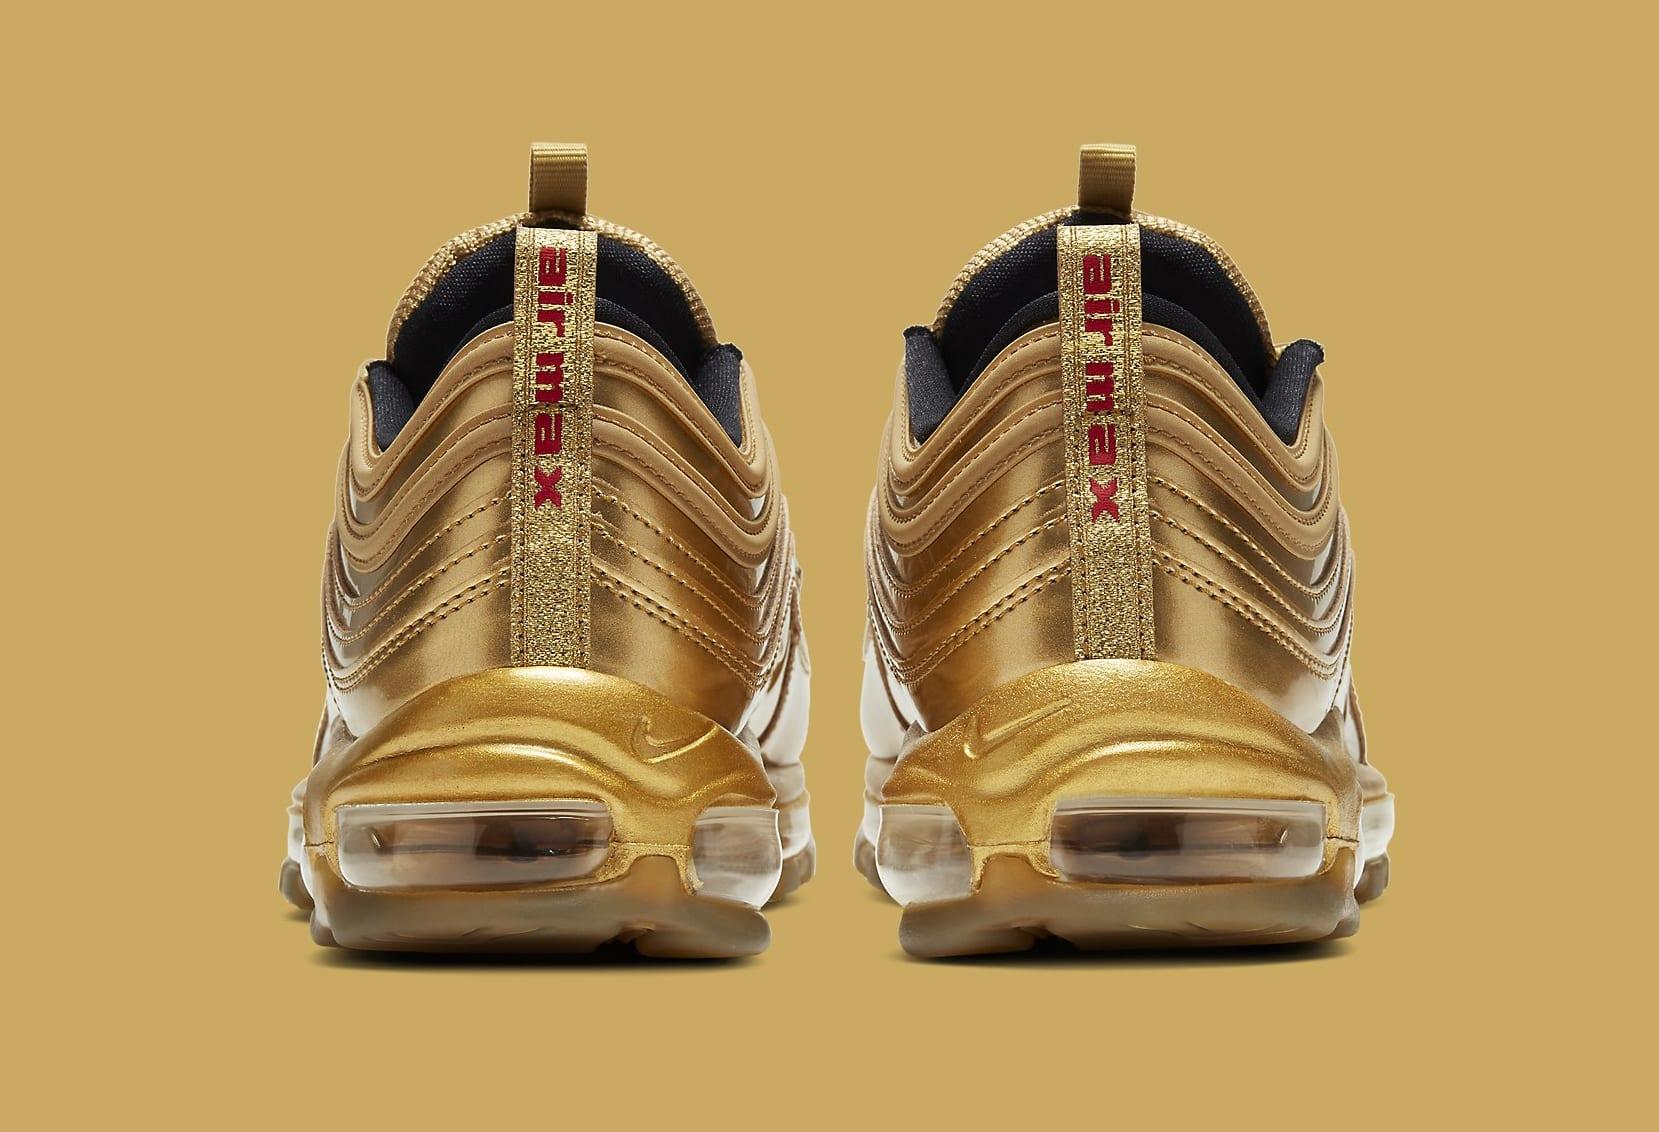 nike-air-max-97-gold-ct4556-700-heel